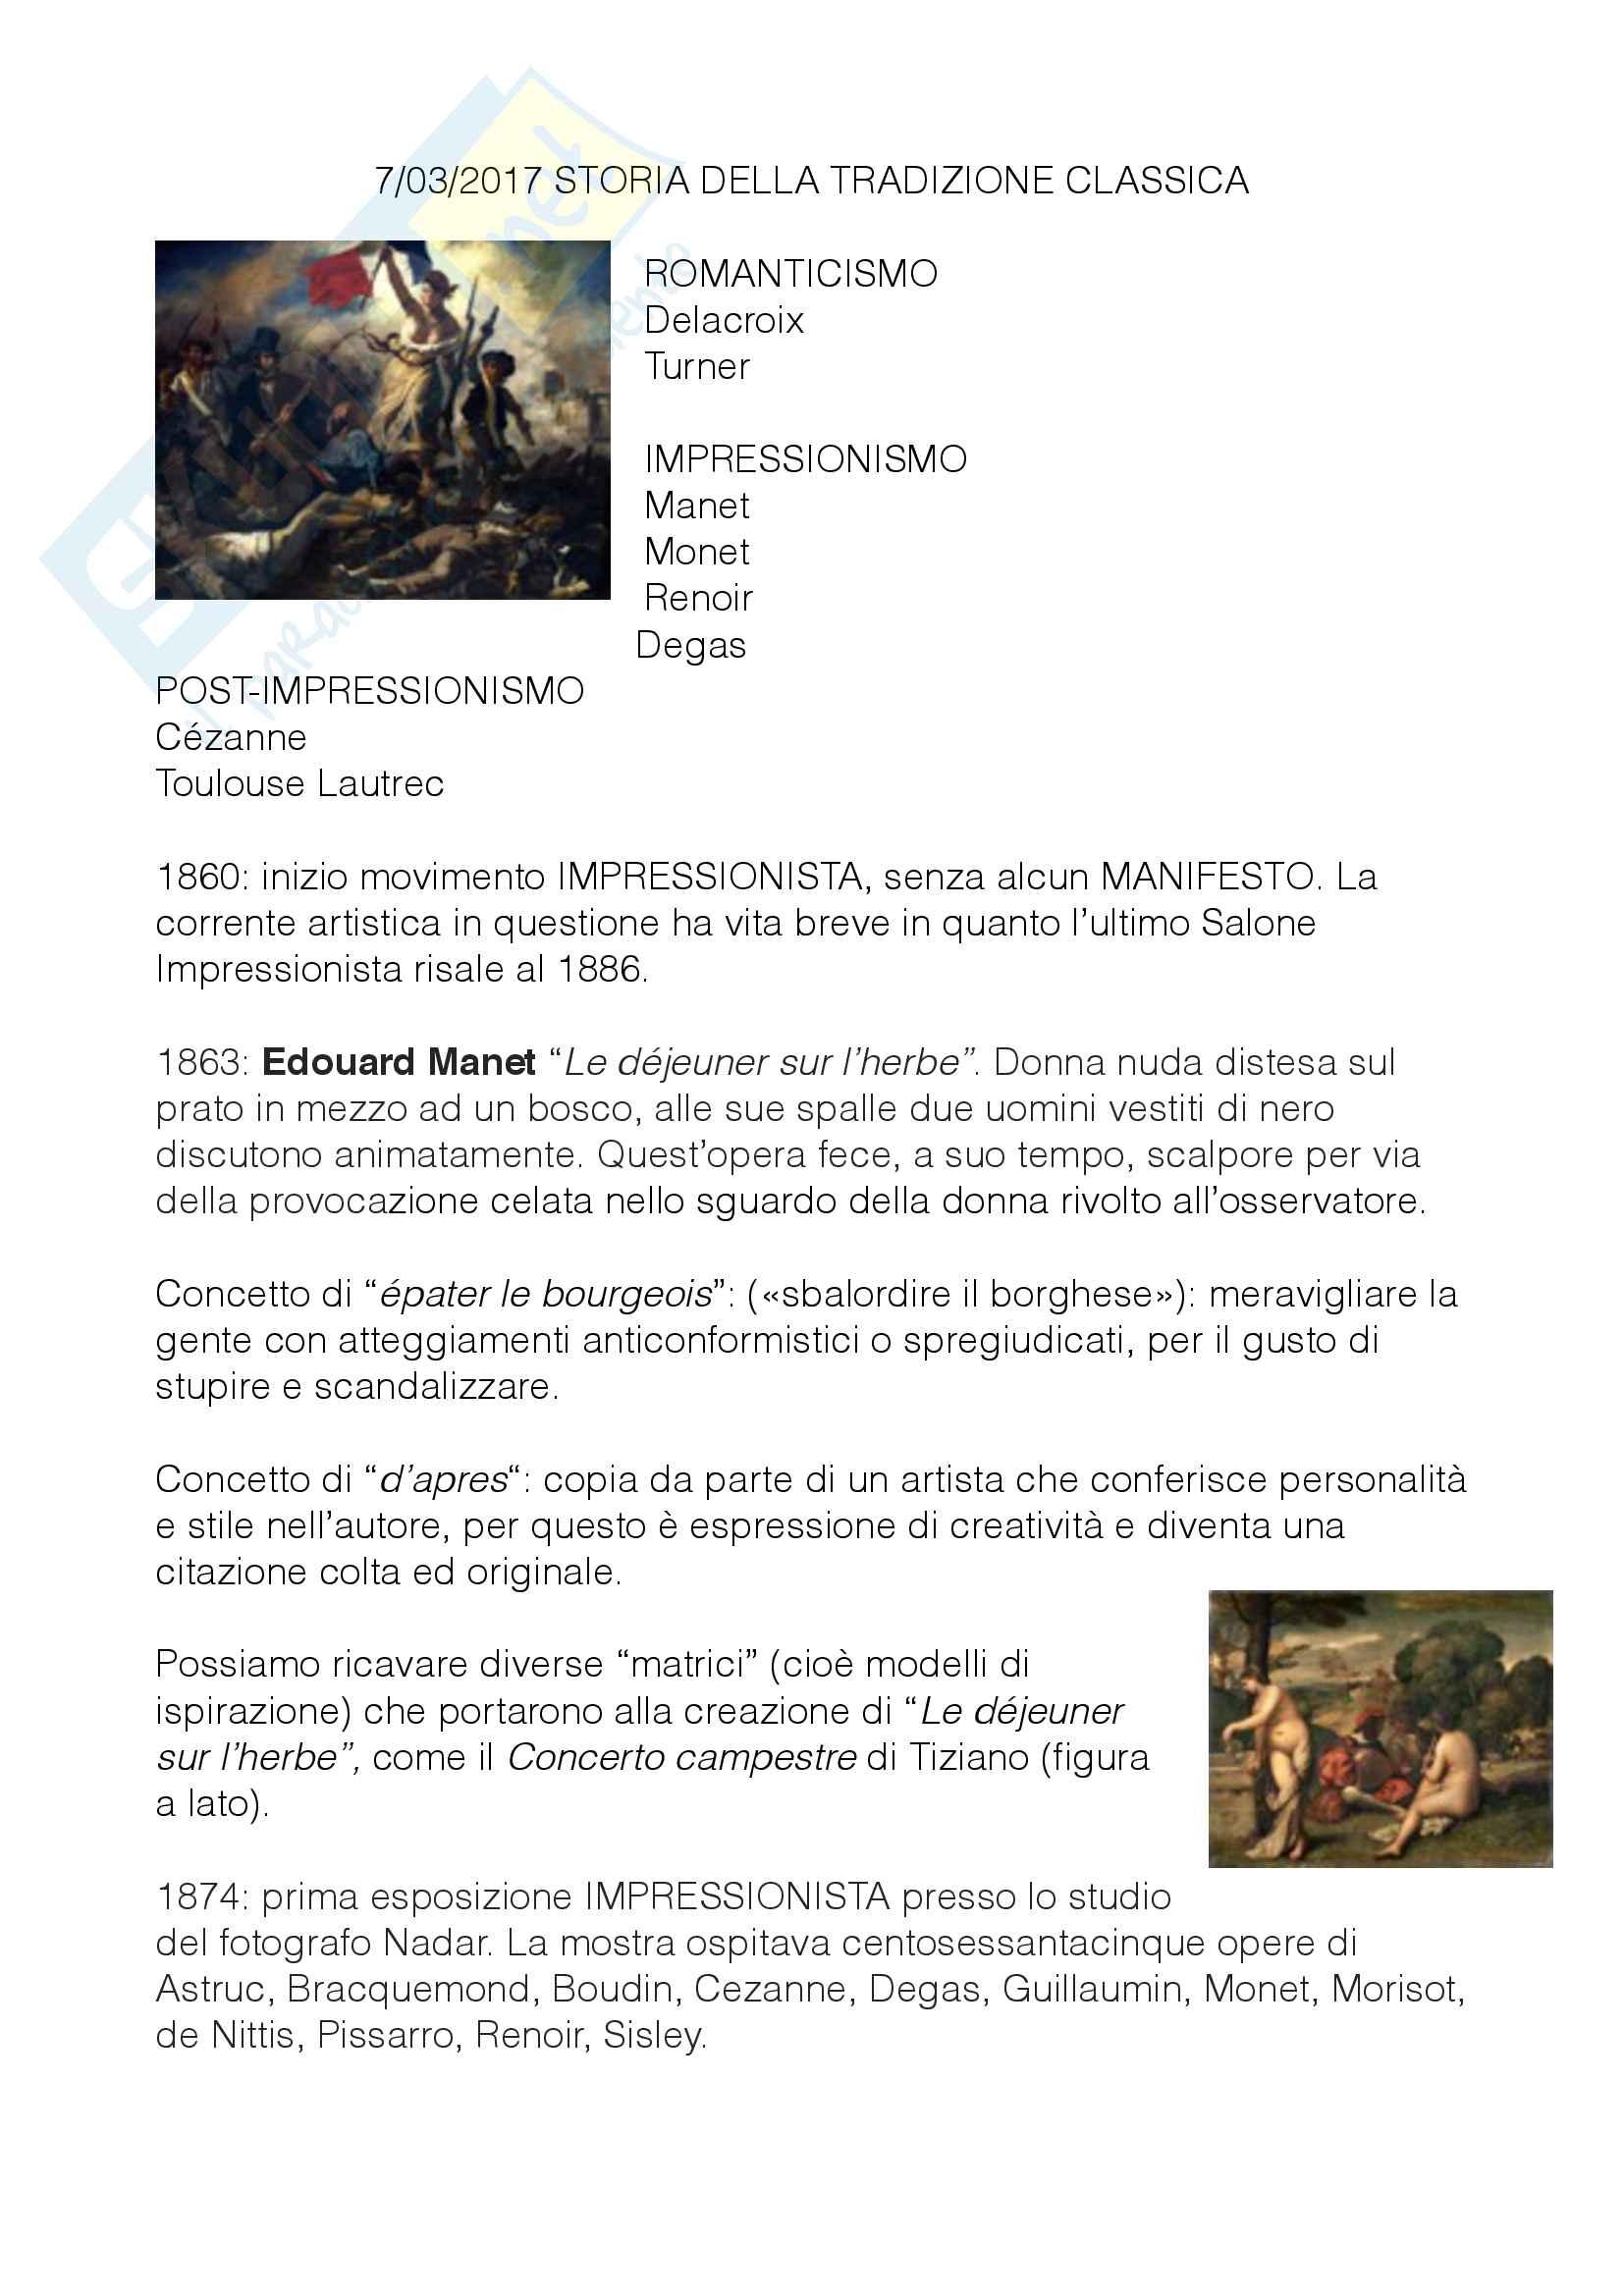 """Concetto di """"épater le bourgeois"""" («sbalordire il borghese») Lezione del 7/03/2017"""